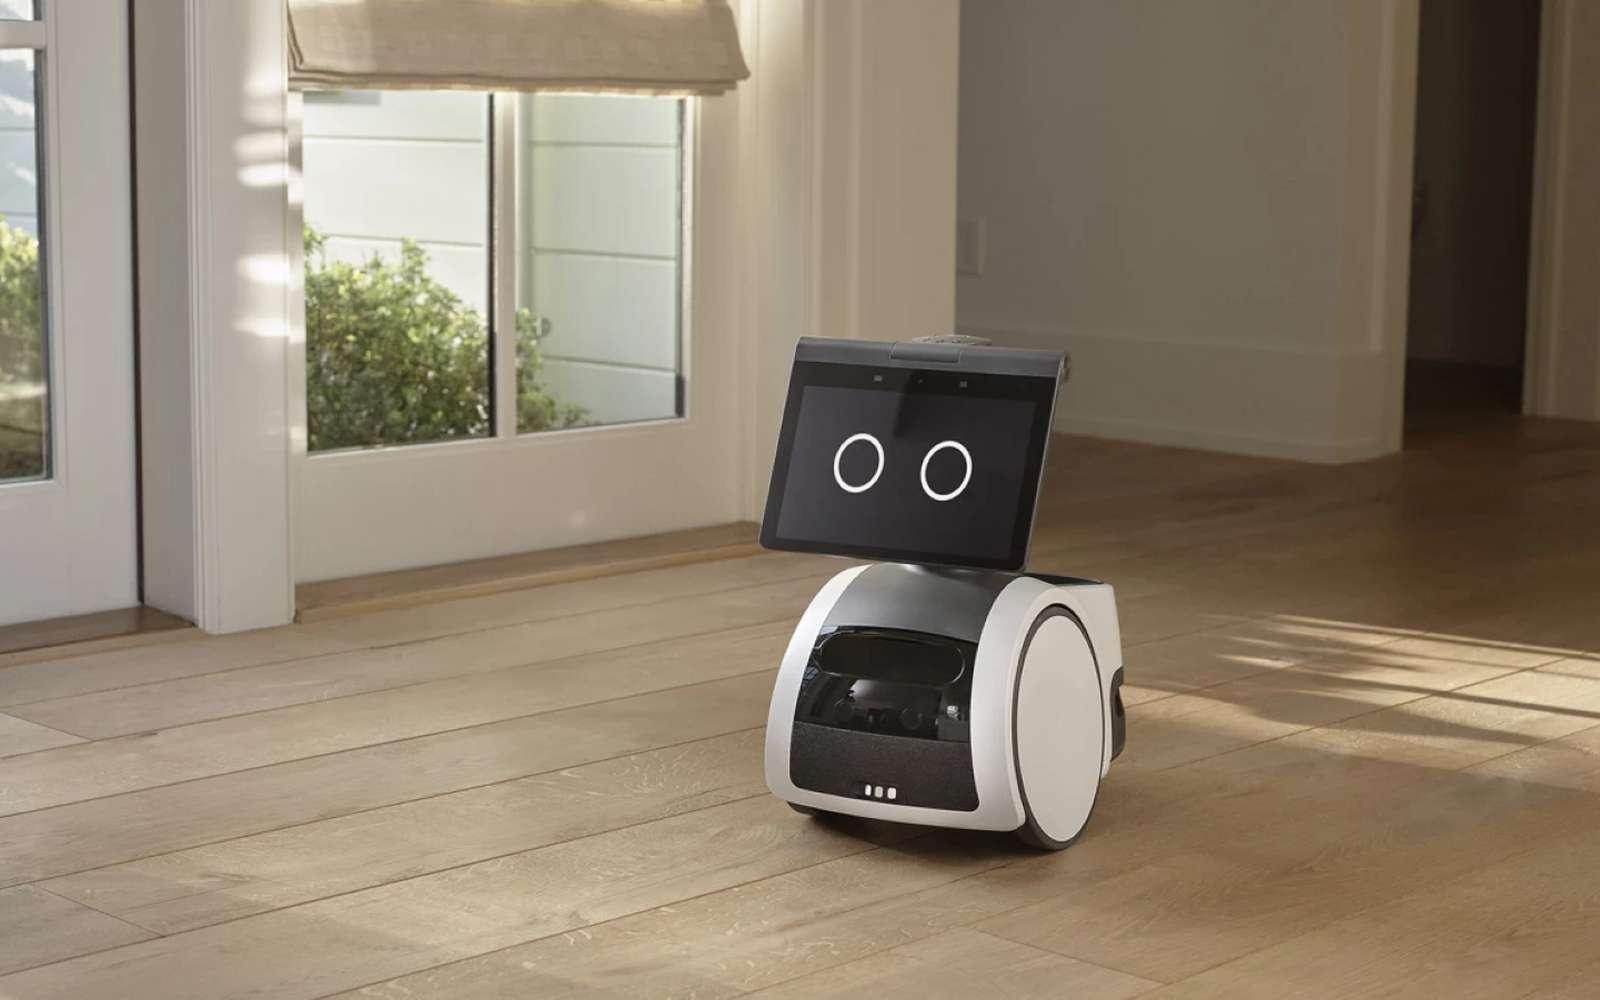 Astro est un robot de compagnie, mais aussi un outil de surveillance pour sécuriser le domicile. © Amazon